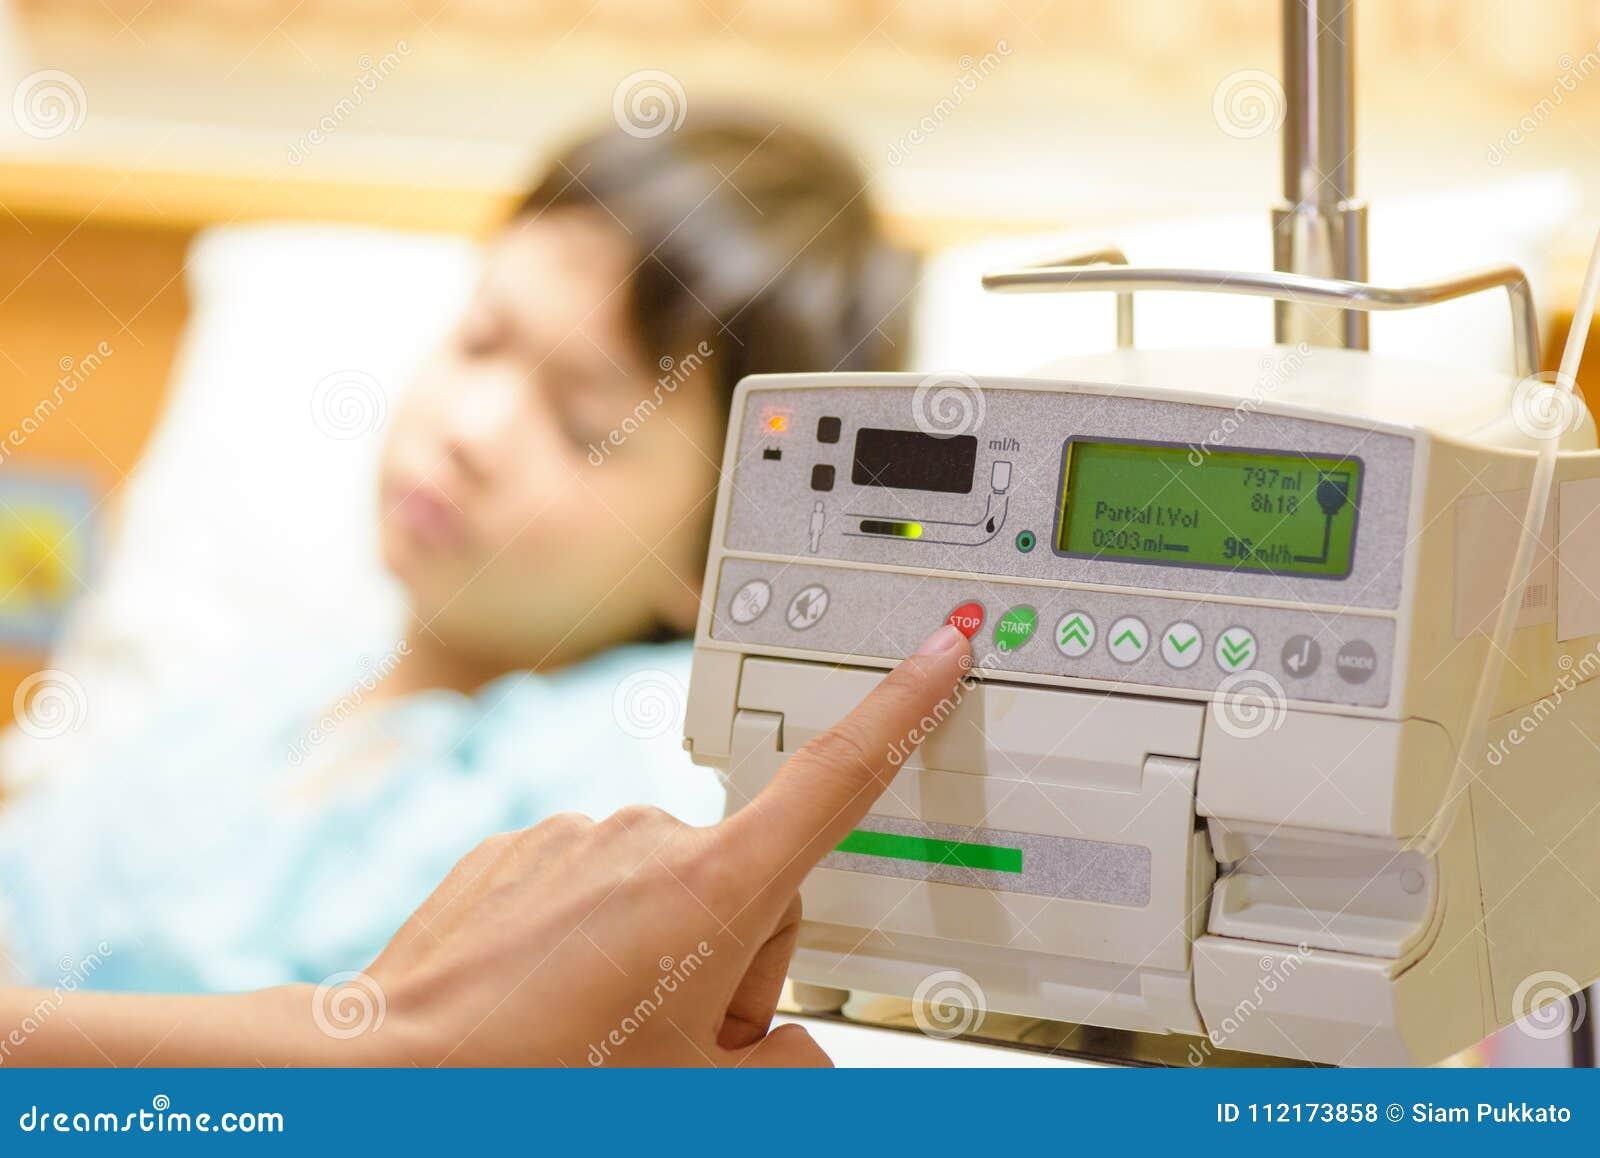 Cuide el presionado a mano del ` s en goteo del intravenoso IV de la bomba de la infusión